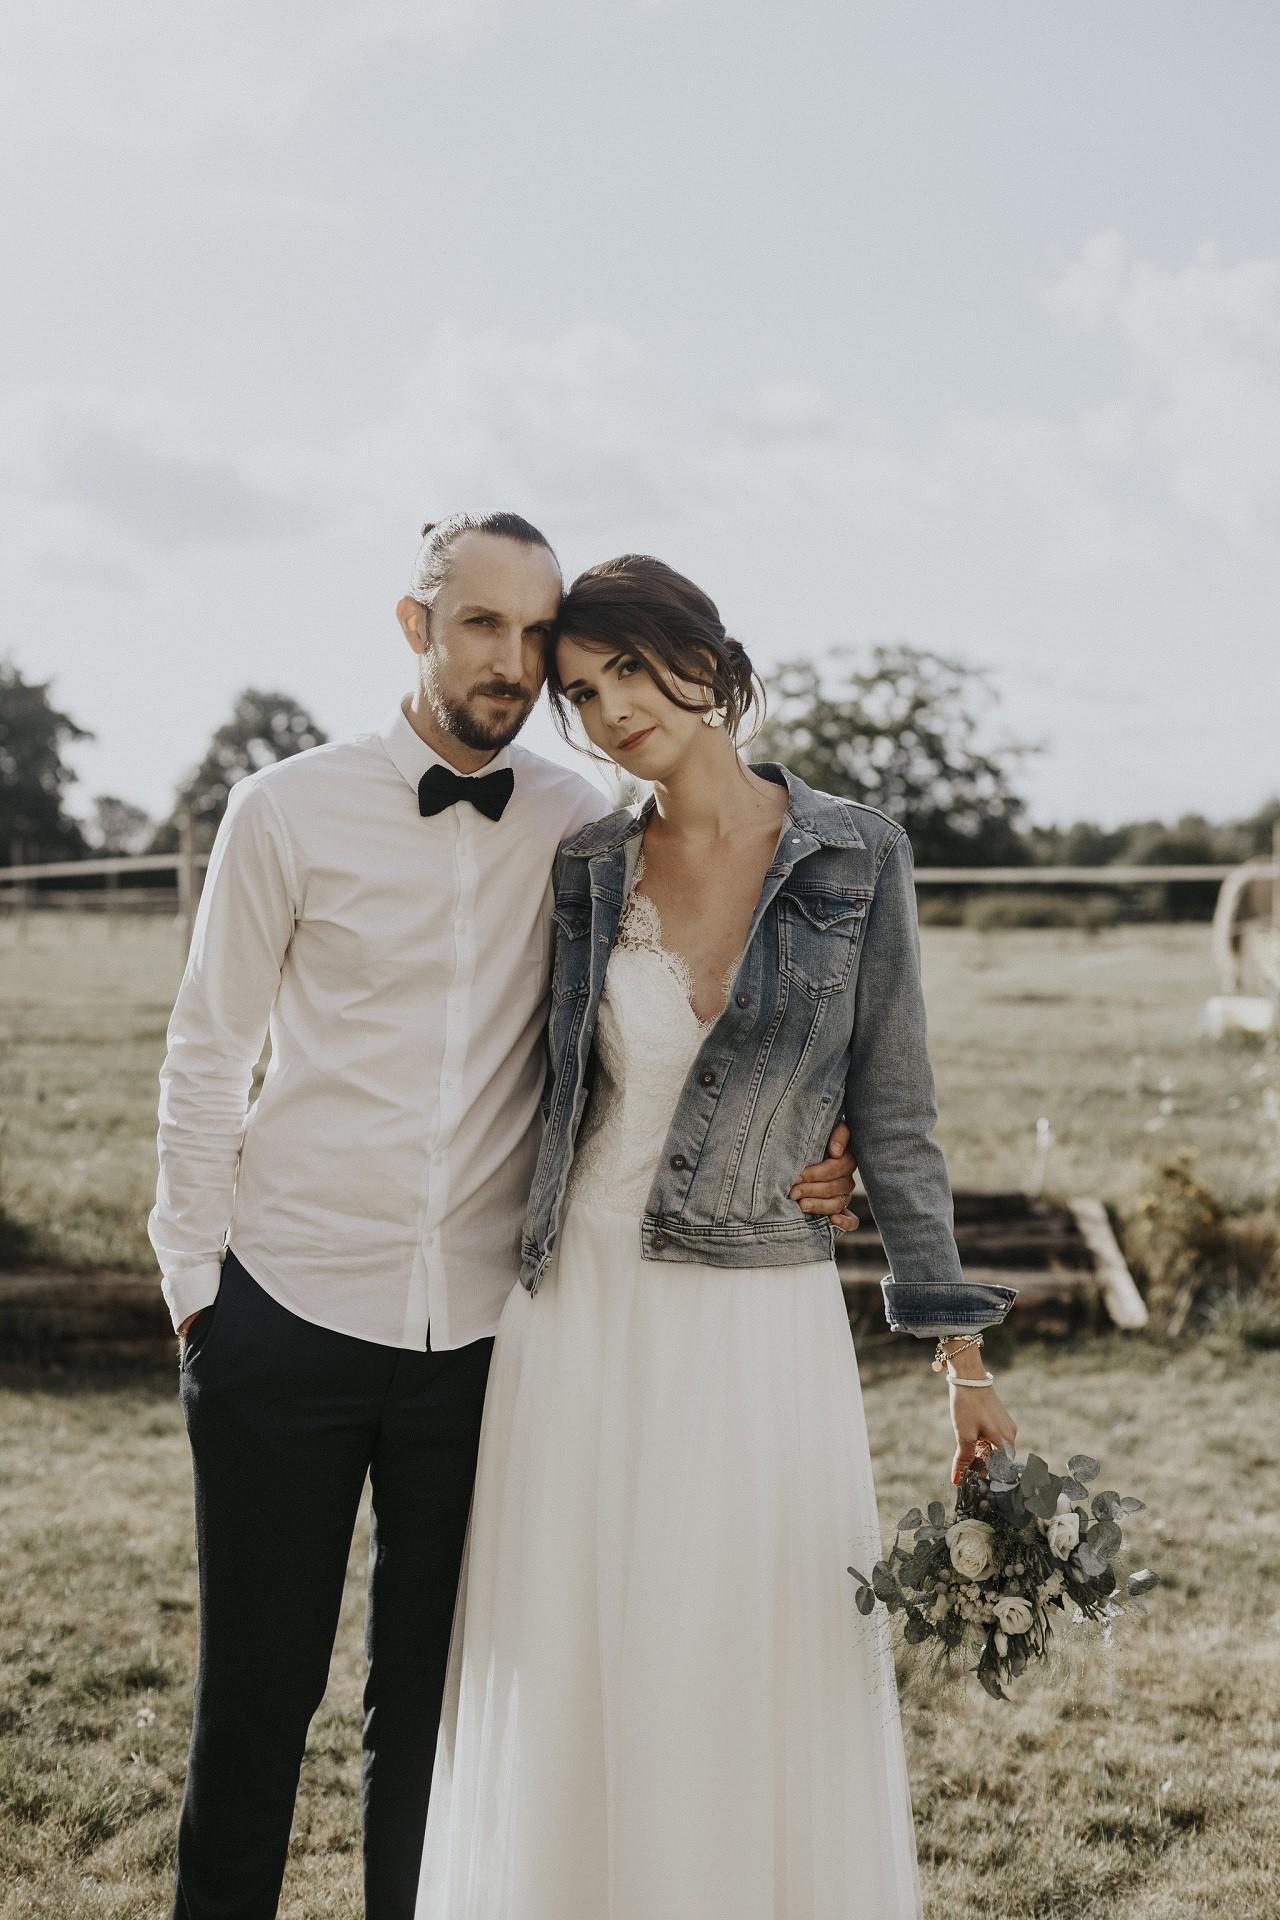 portez la veste en jean sur sa robe de mariée la touche tendance de cette année